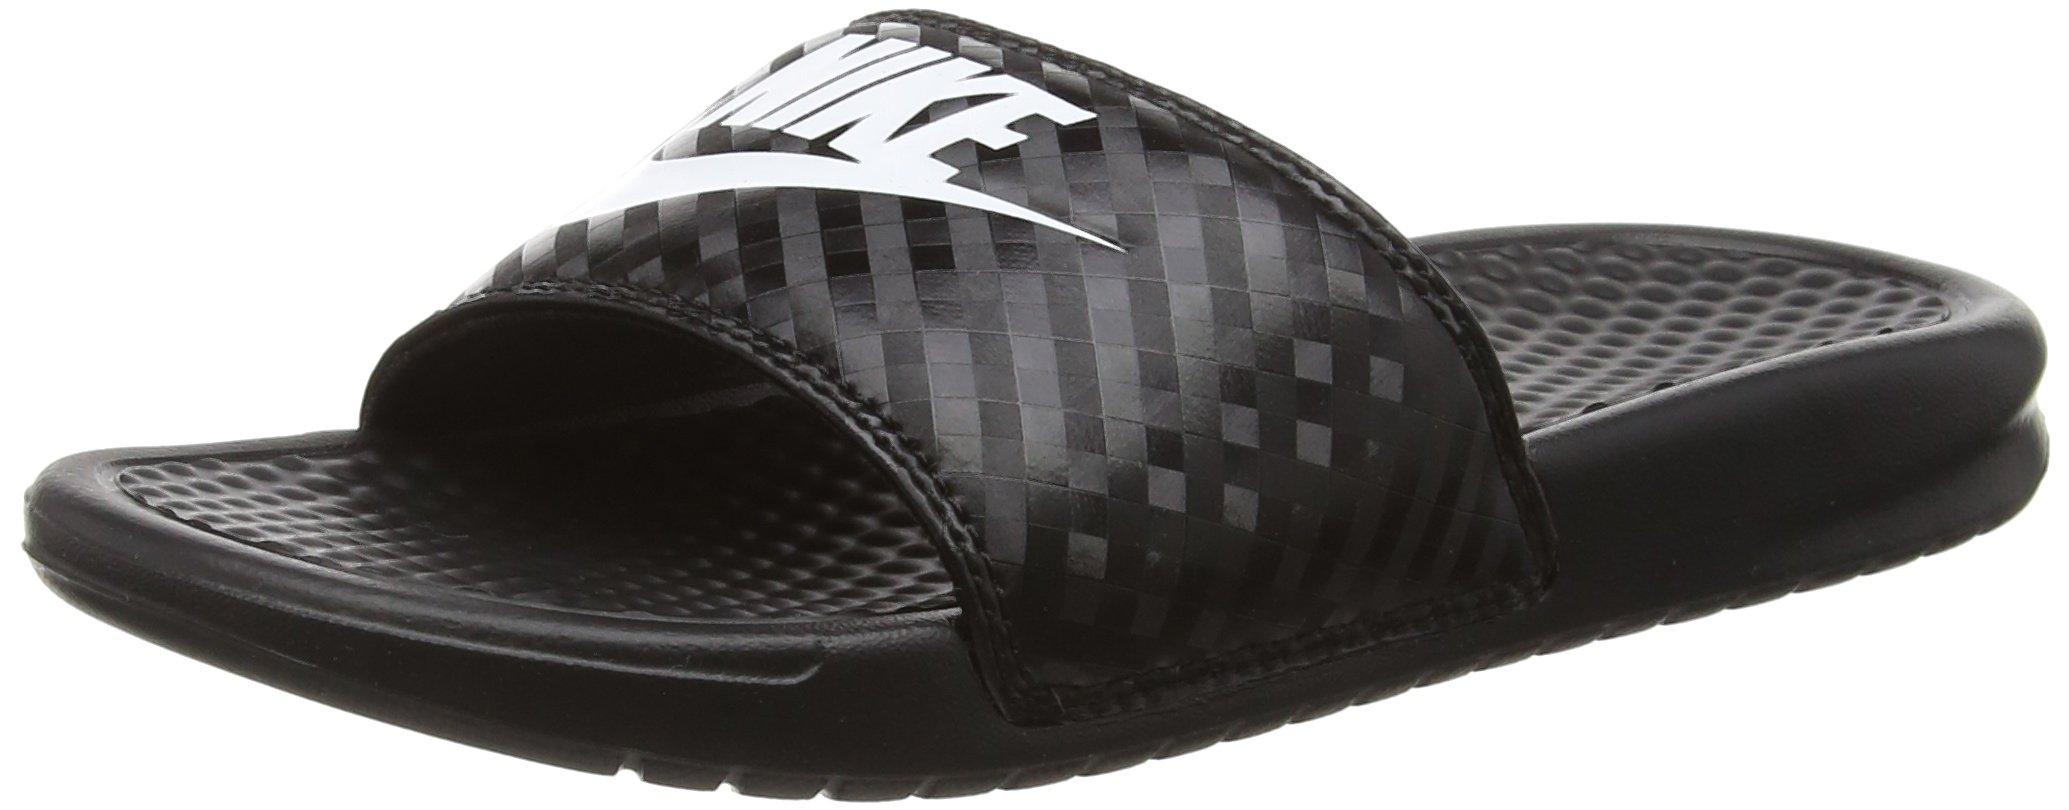 ccfea9f1c78c40 Nike Benassi Just Do It, Chaussures de Plage & Piscine Femme product image